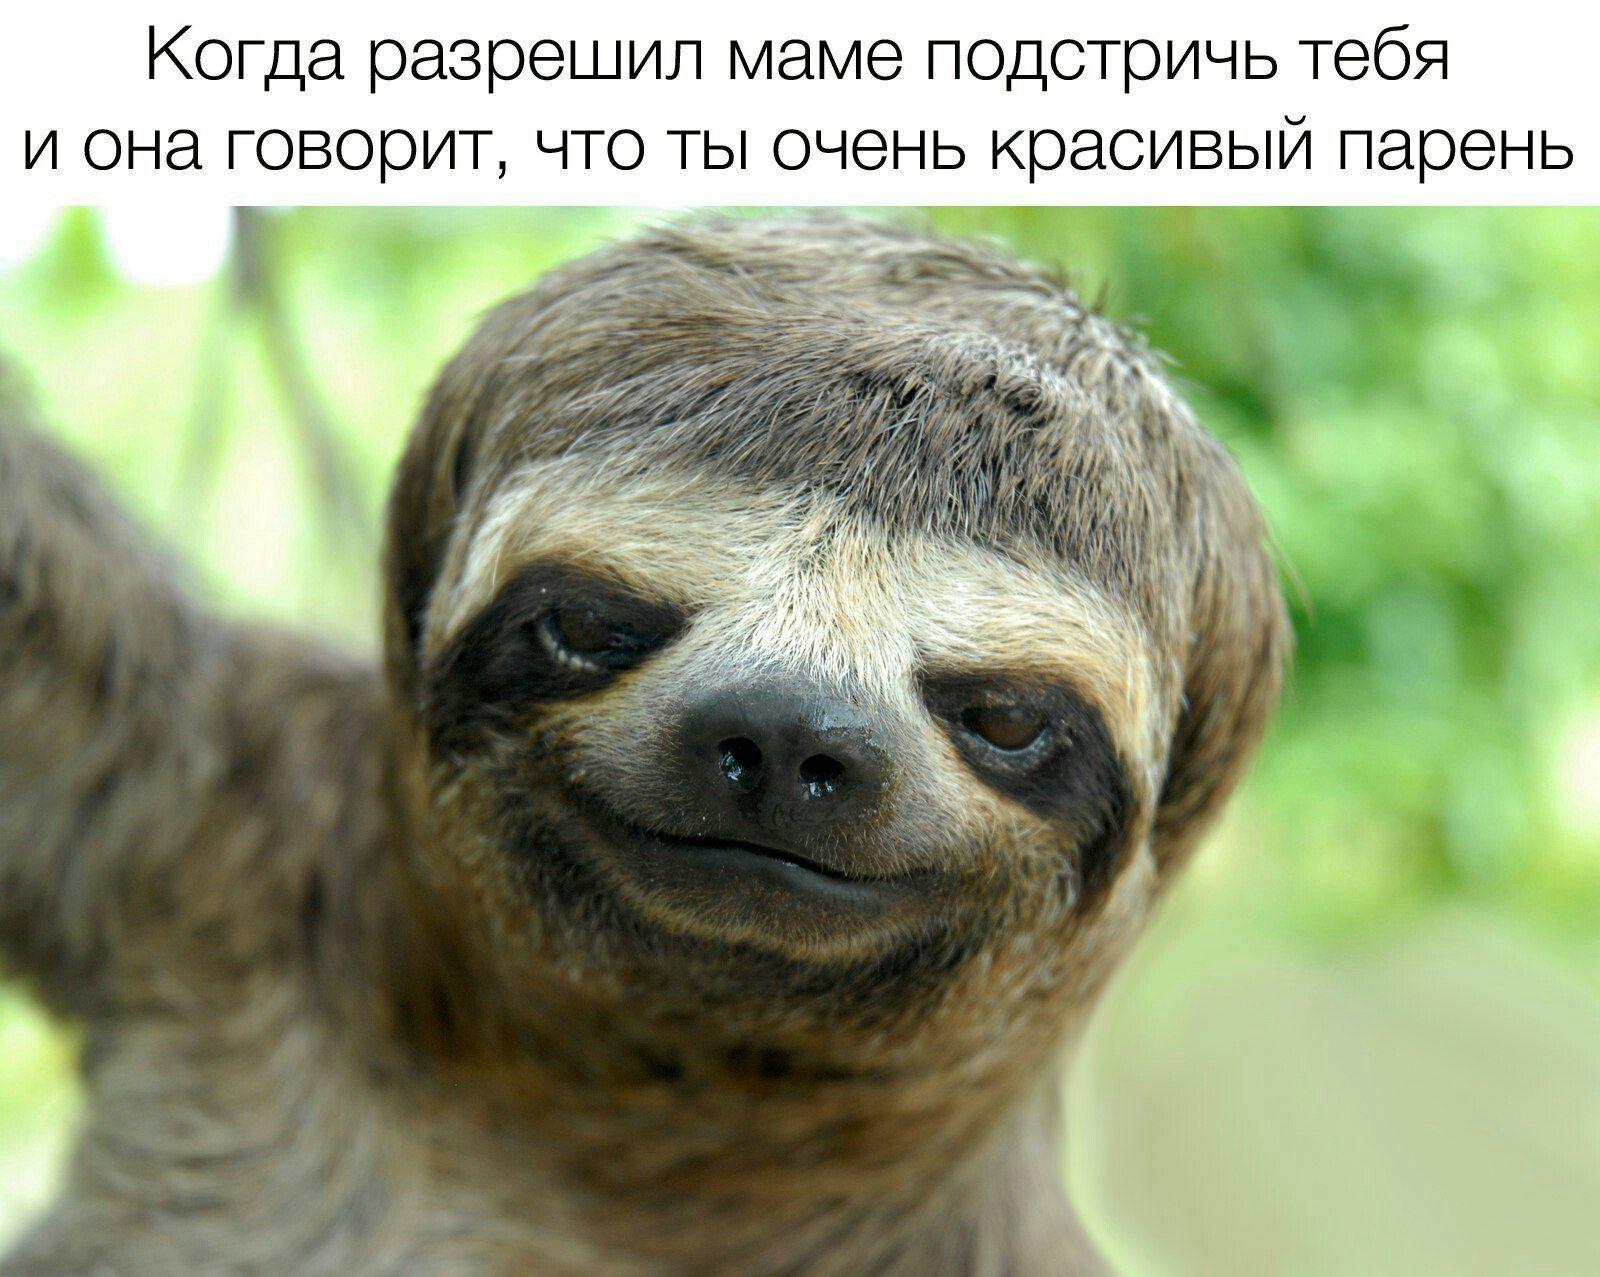 Картинки ленивцев прикол, поздравления днем рождения